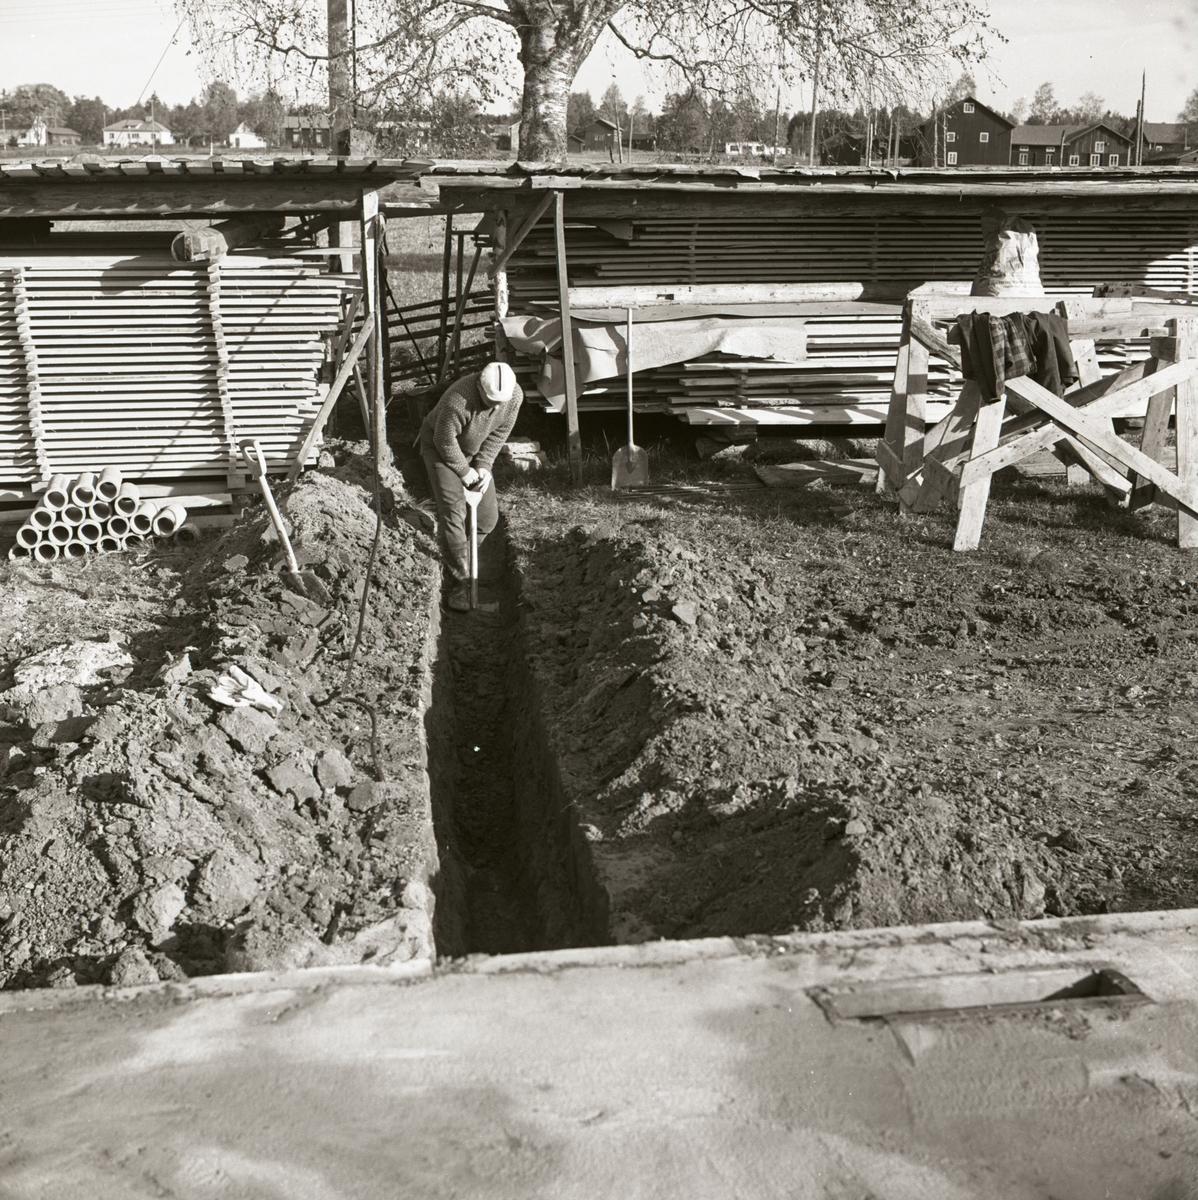 En man gräver ett dike för nedläggning av avloppsrör under byggnationen av ett bostadshus vid gården Sunnanåker, 1967.